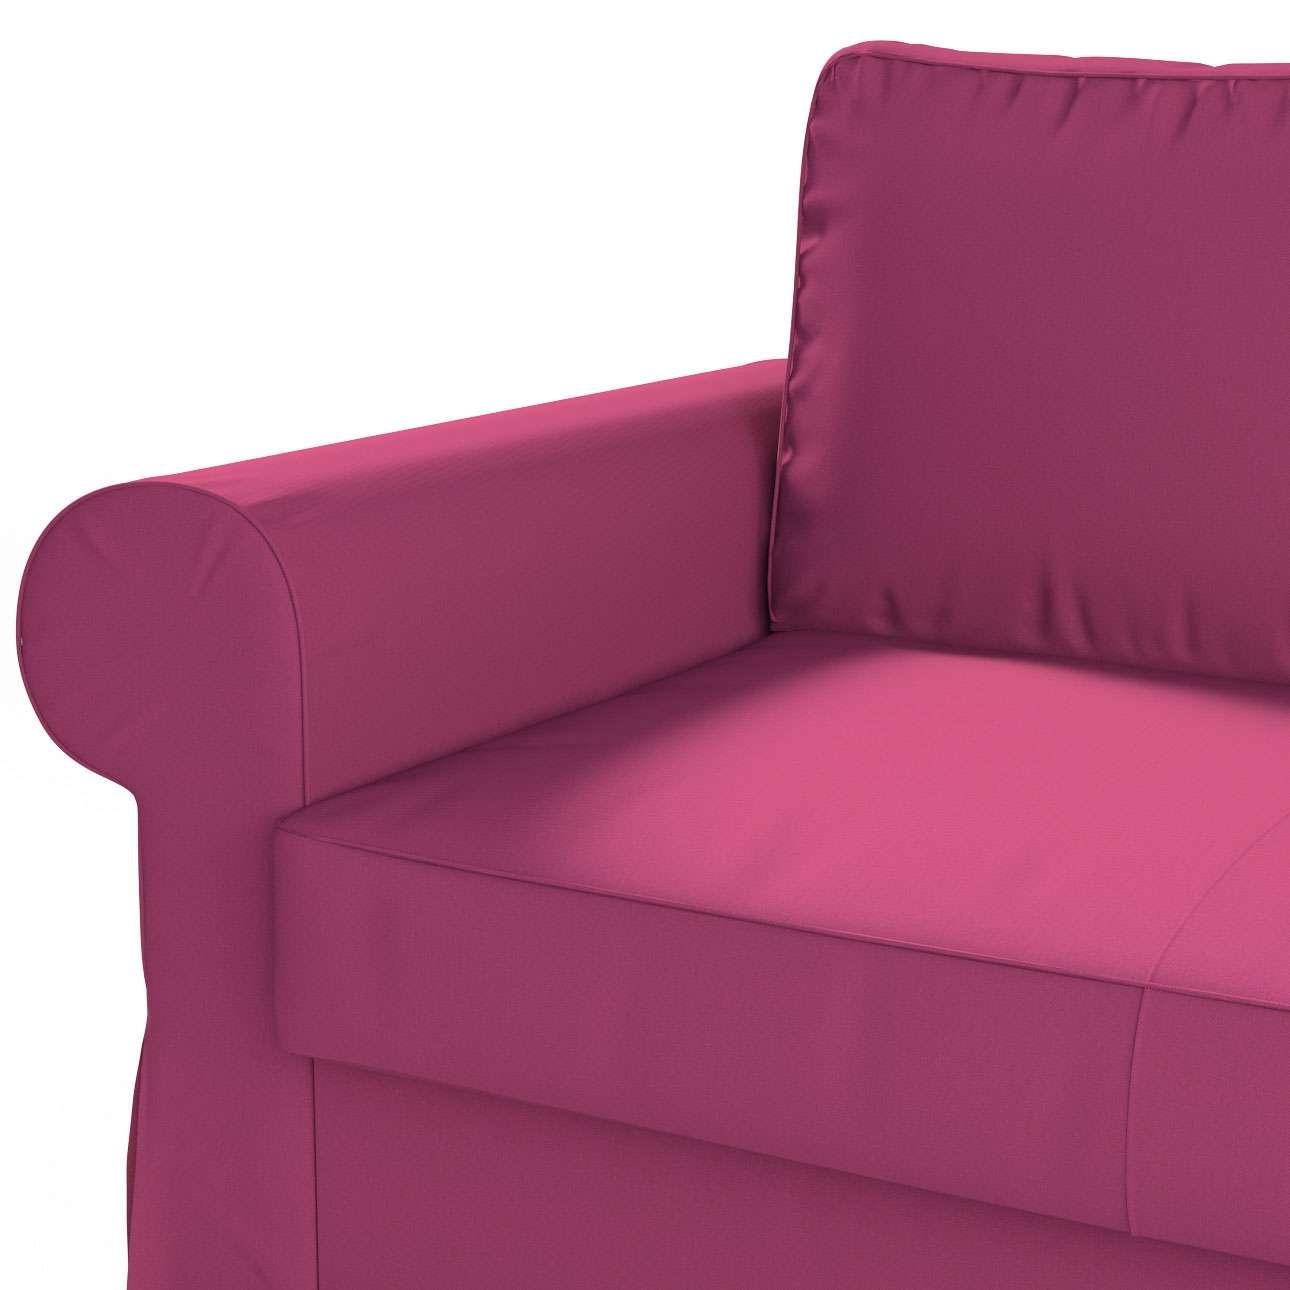 Bezug für Backabro 2-Sitzer Sofa ausklappbar von der Kollektion Etna, Stoff: 705-23